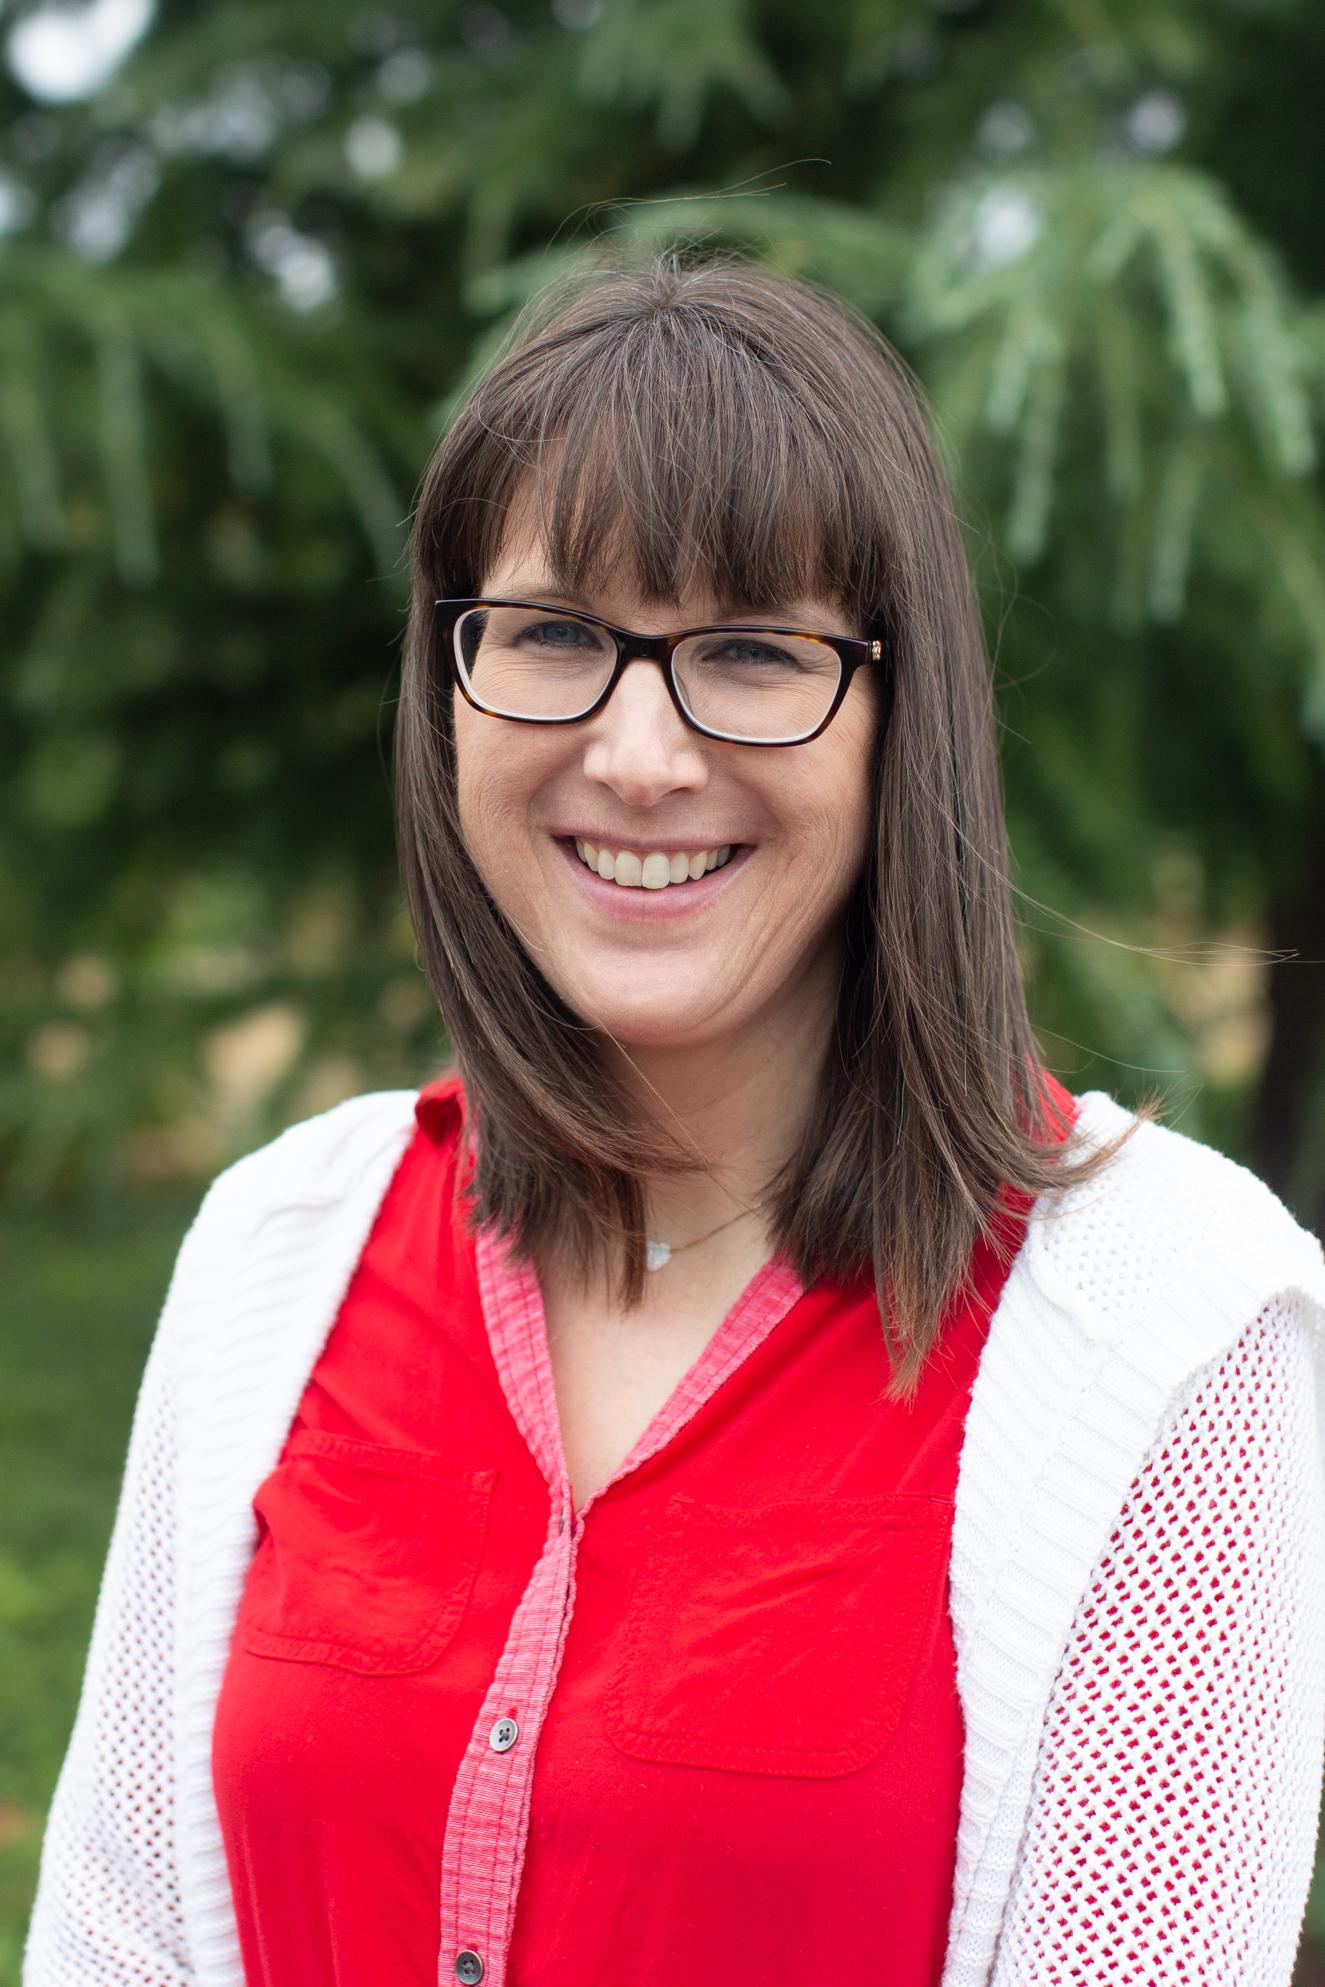 Kelly Cutler